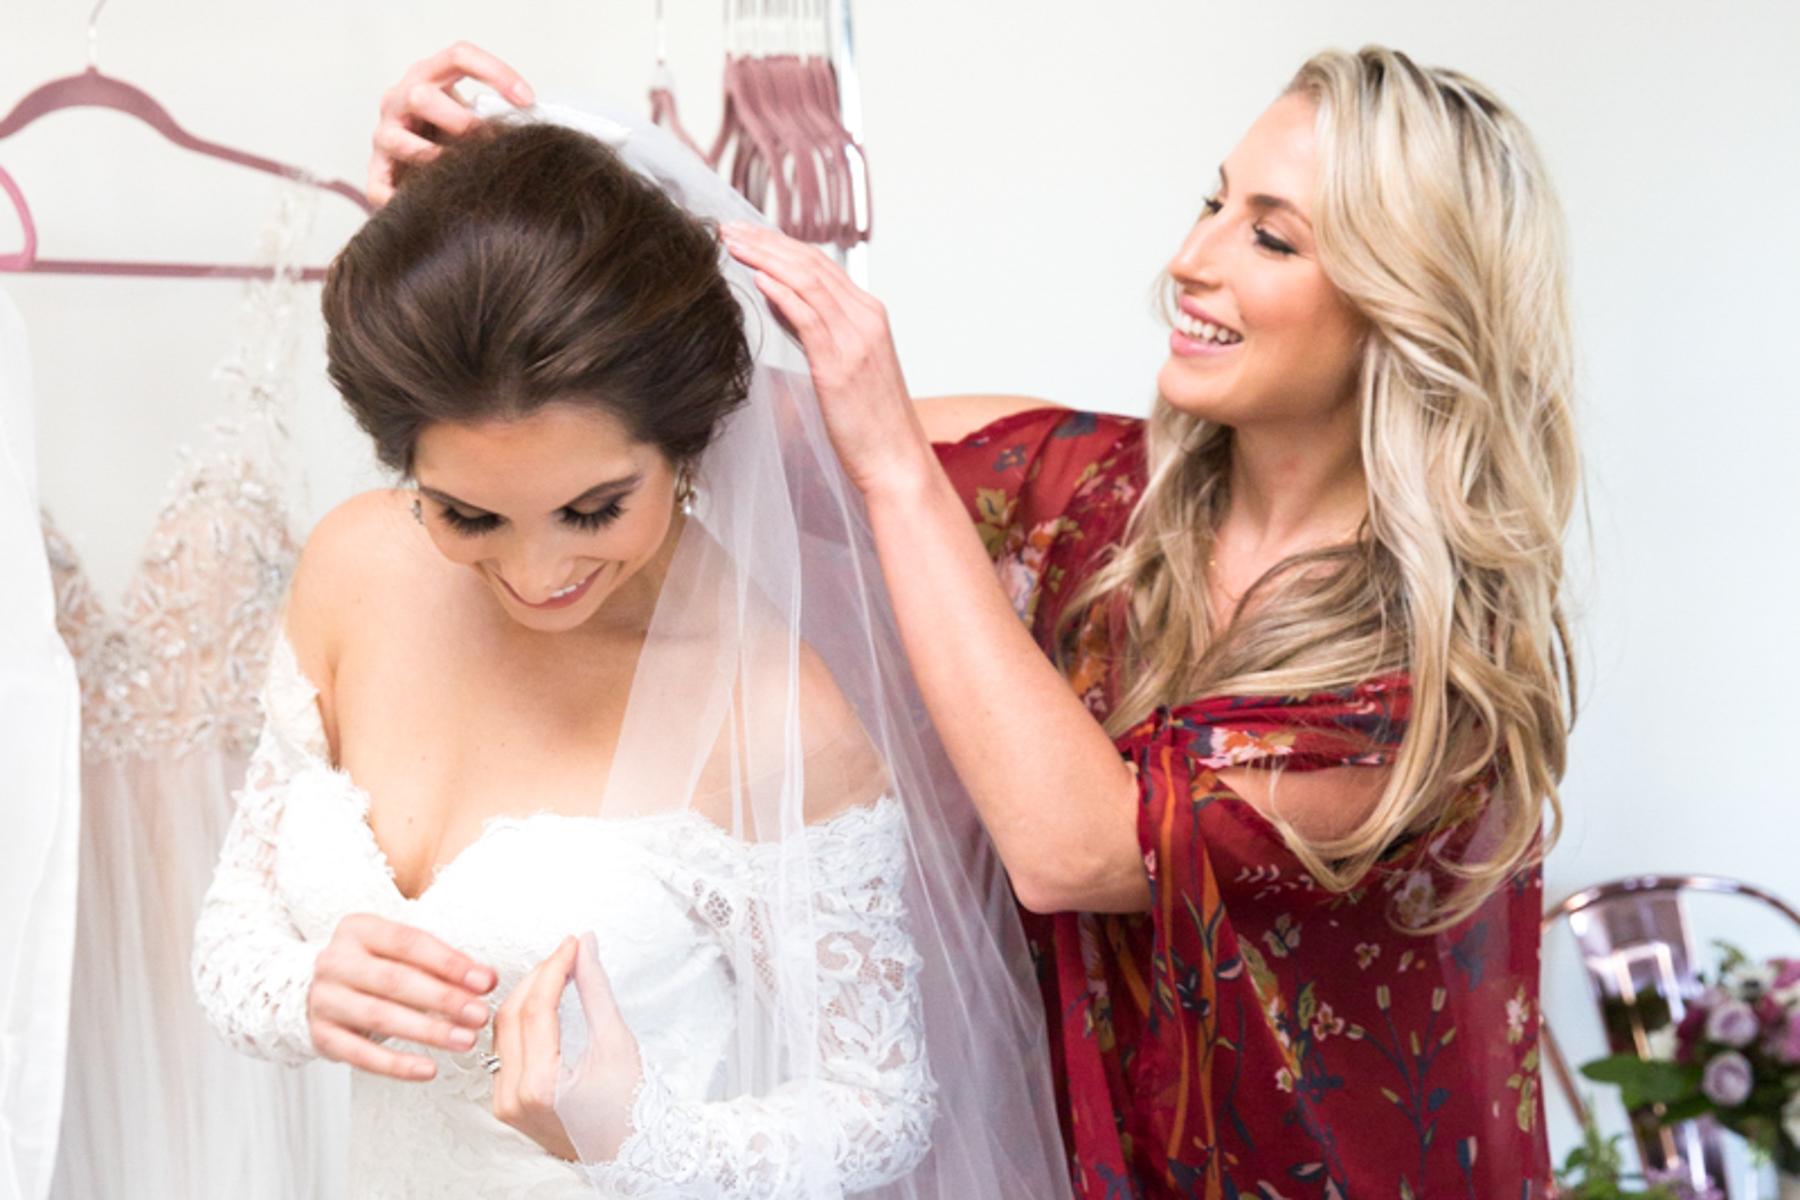 Wedding Vendor Referrals in the Los Angeles Area